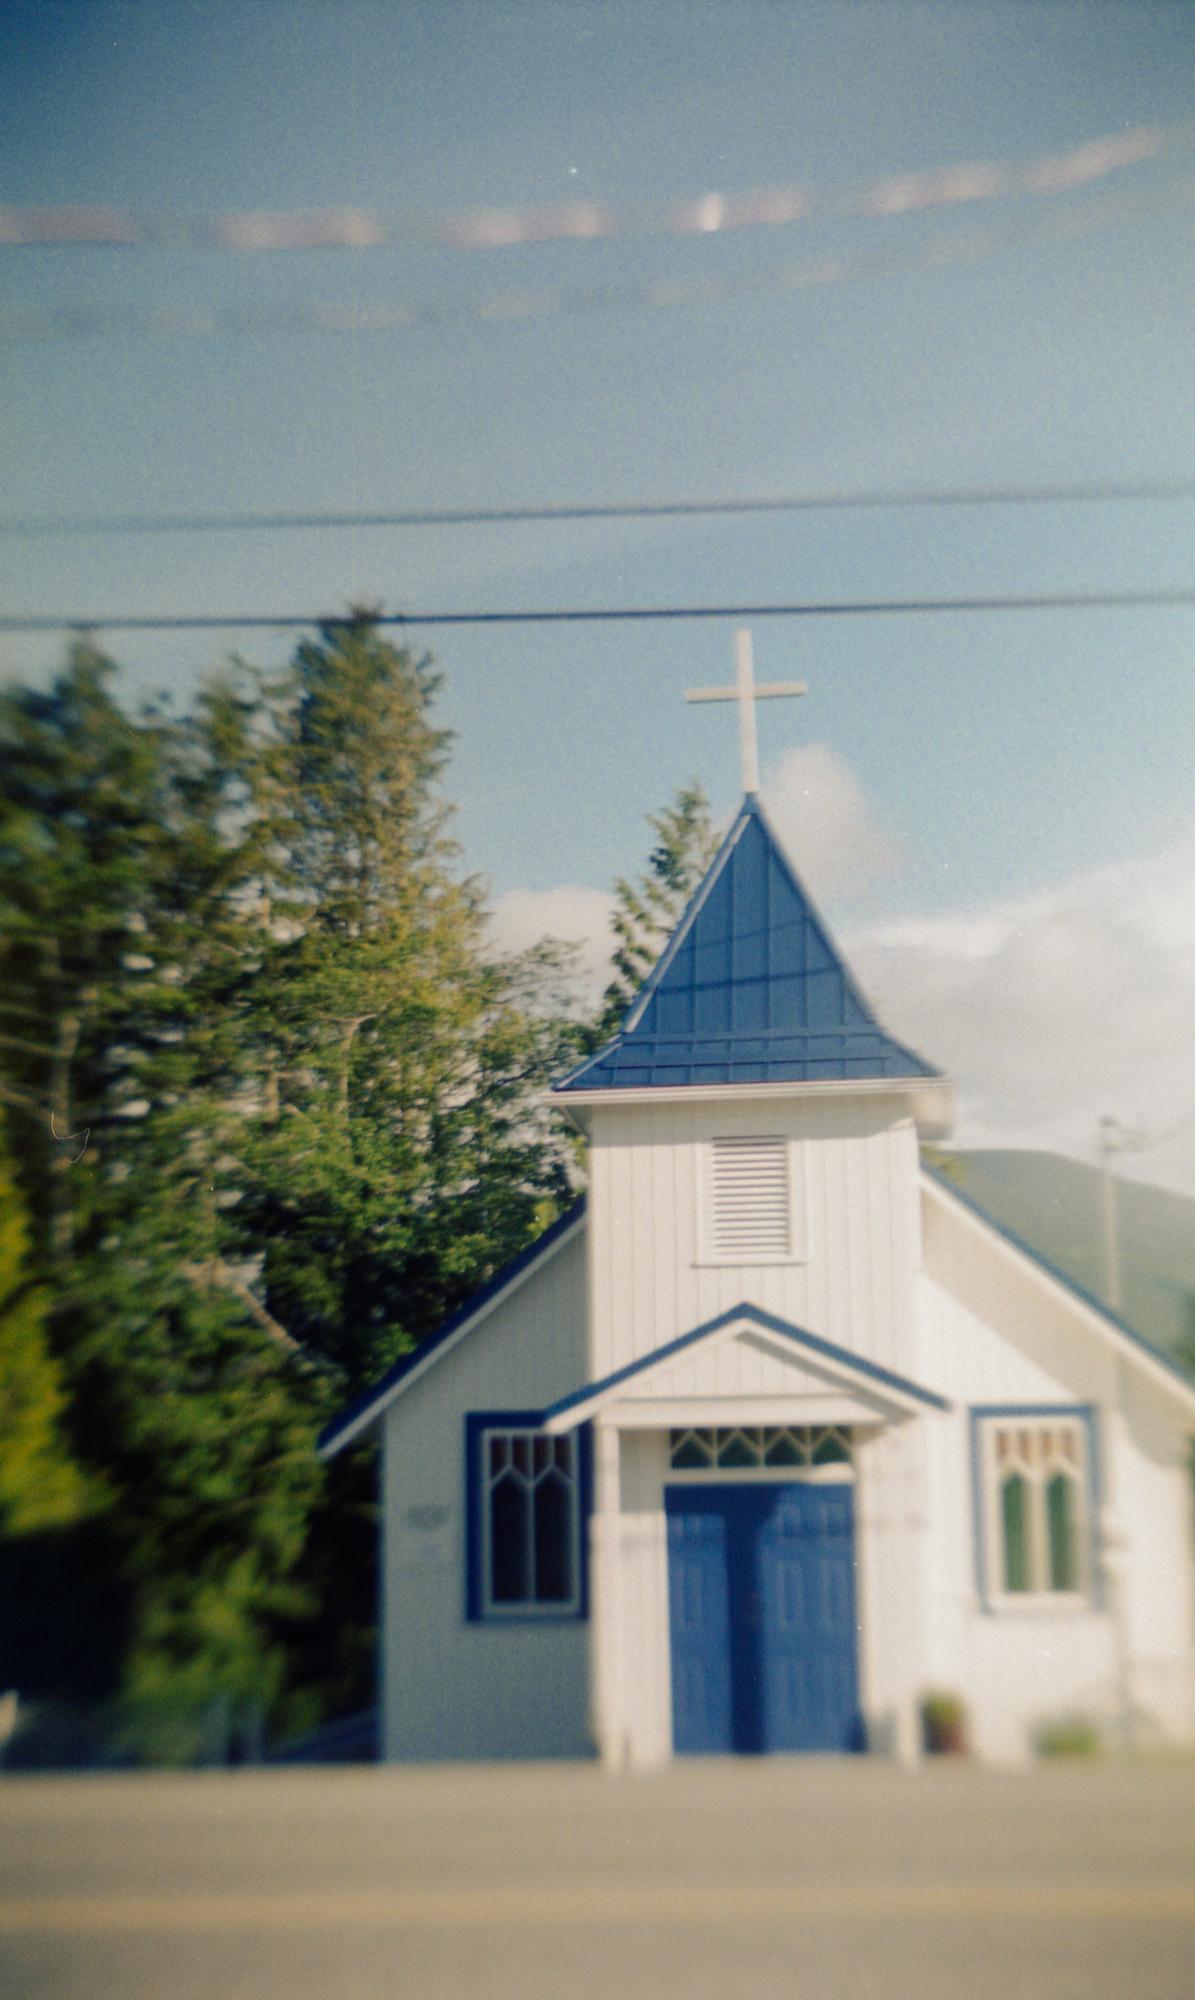 churchchicken